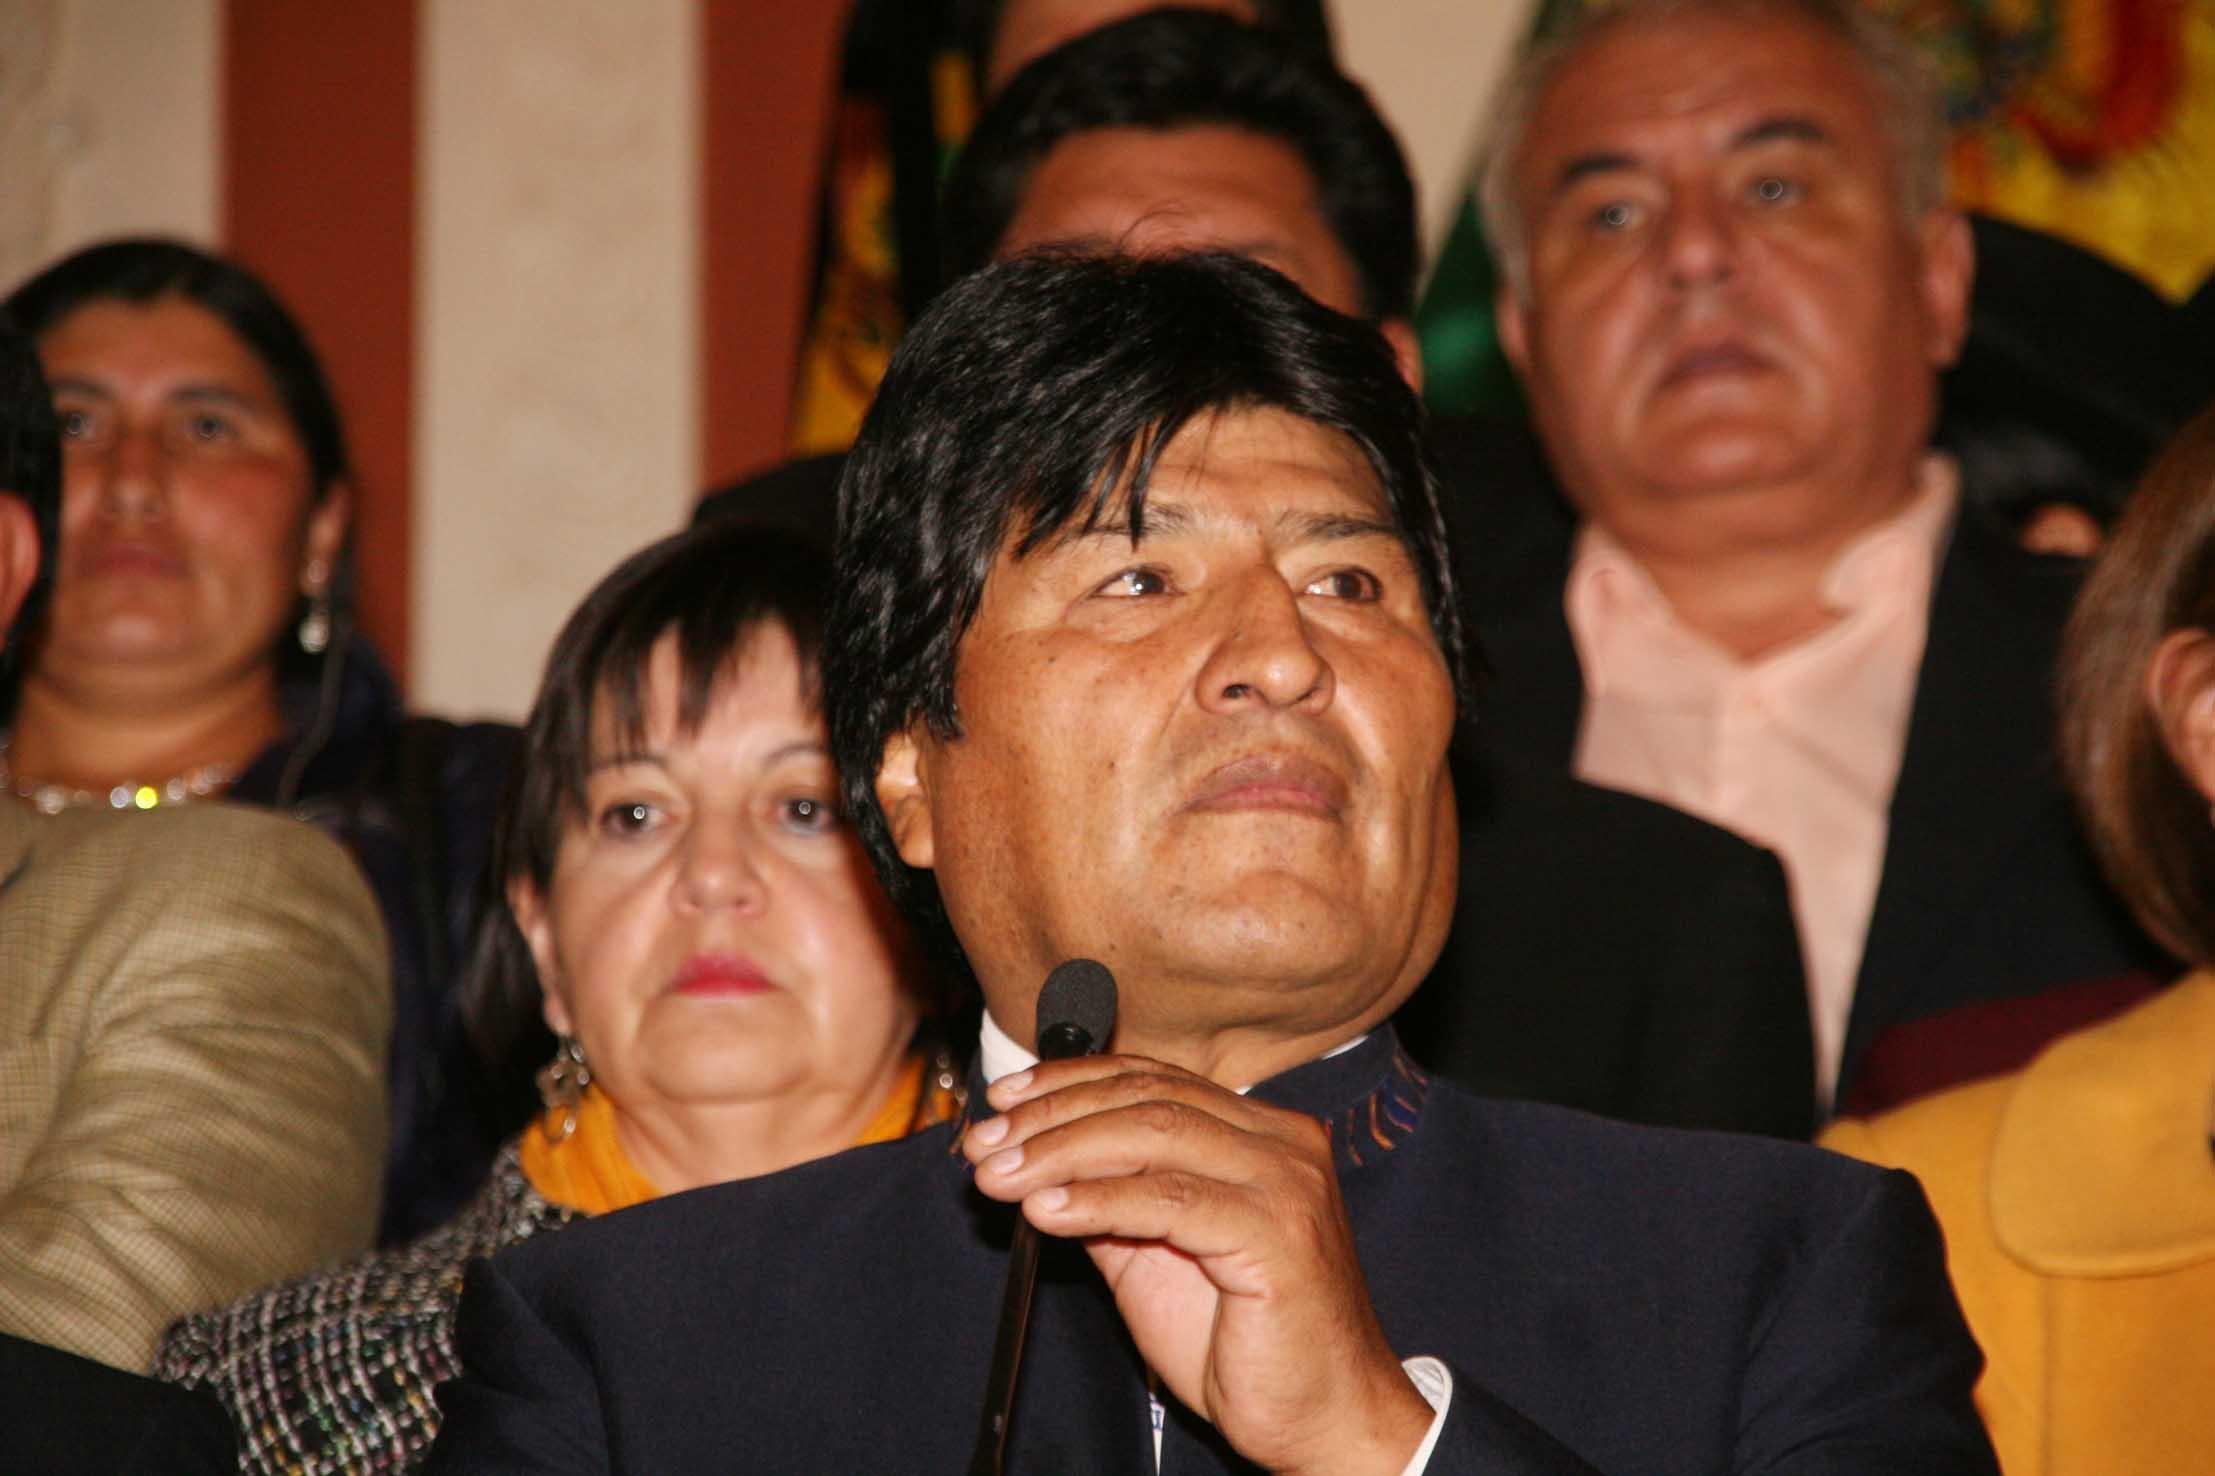 Presidente Morales se dice 'destrozado' por muerte de Chávez y pide unidad a Venezuela.